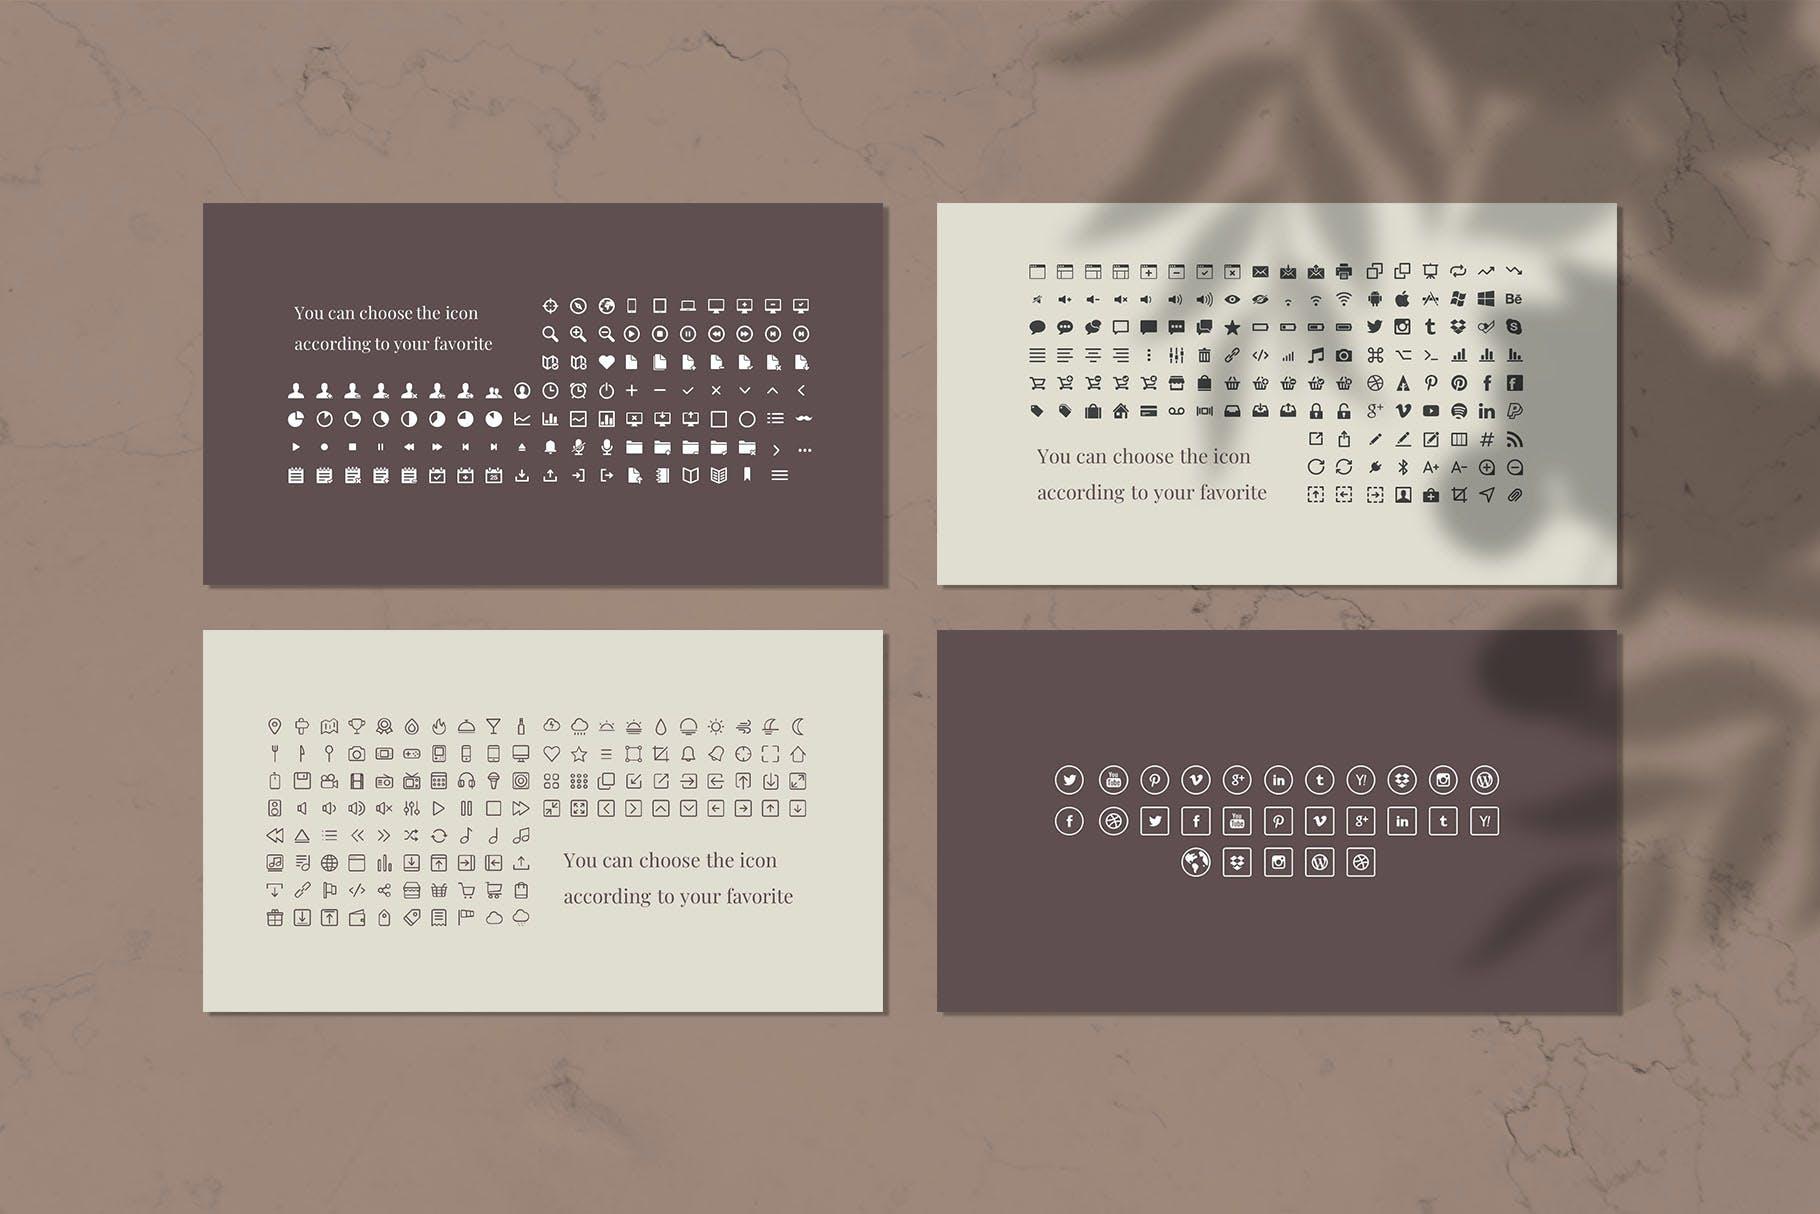 朦胧感时尚个人演讲PowerPoint模板 Stylish – Power Point Template设计素材模板